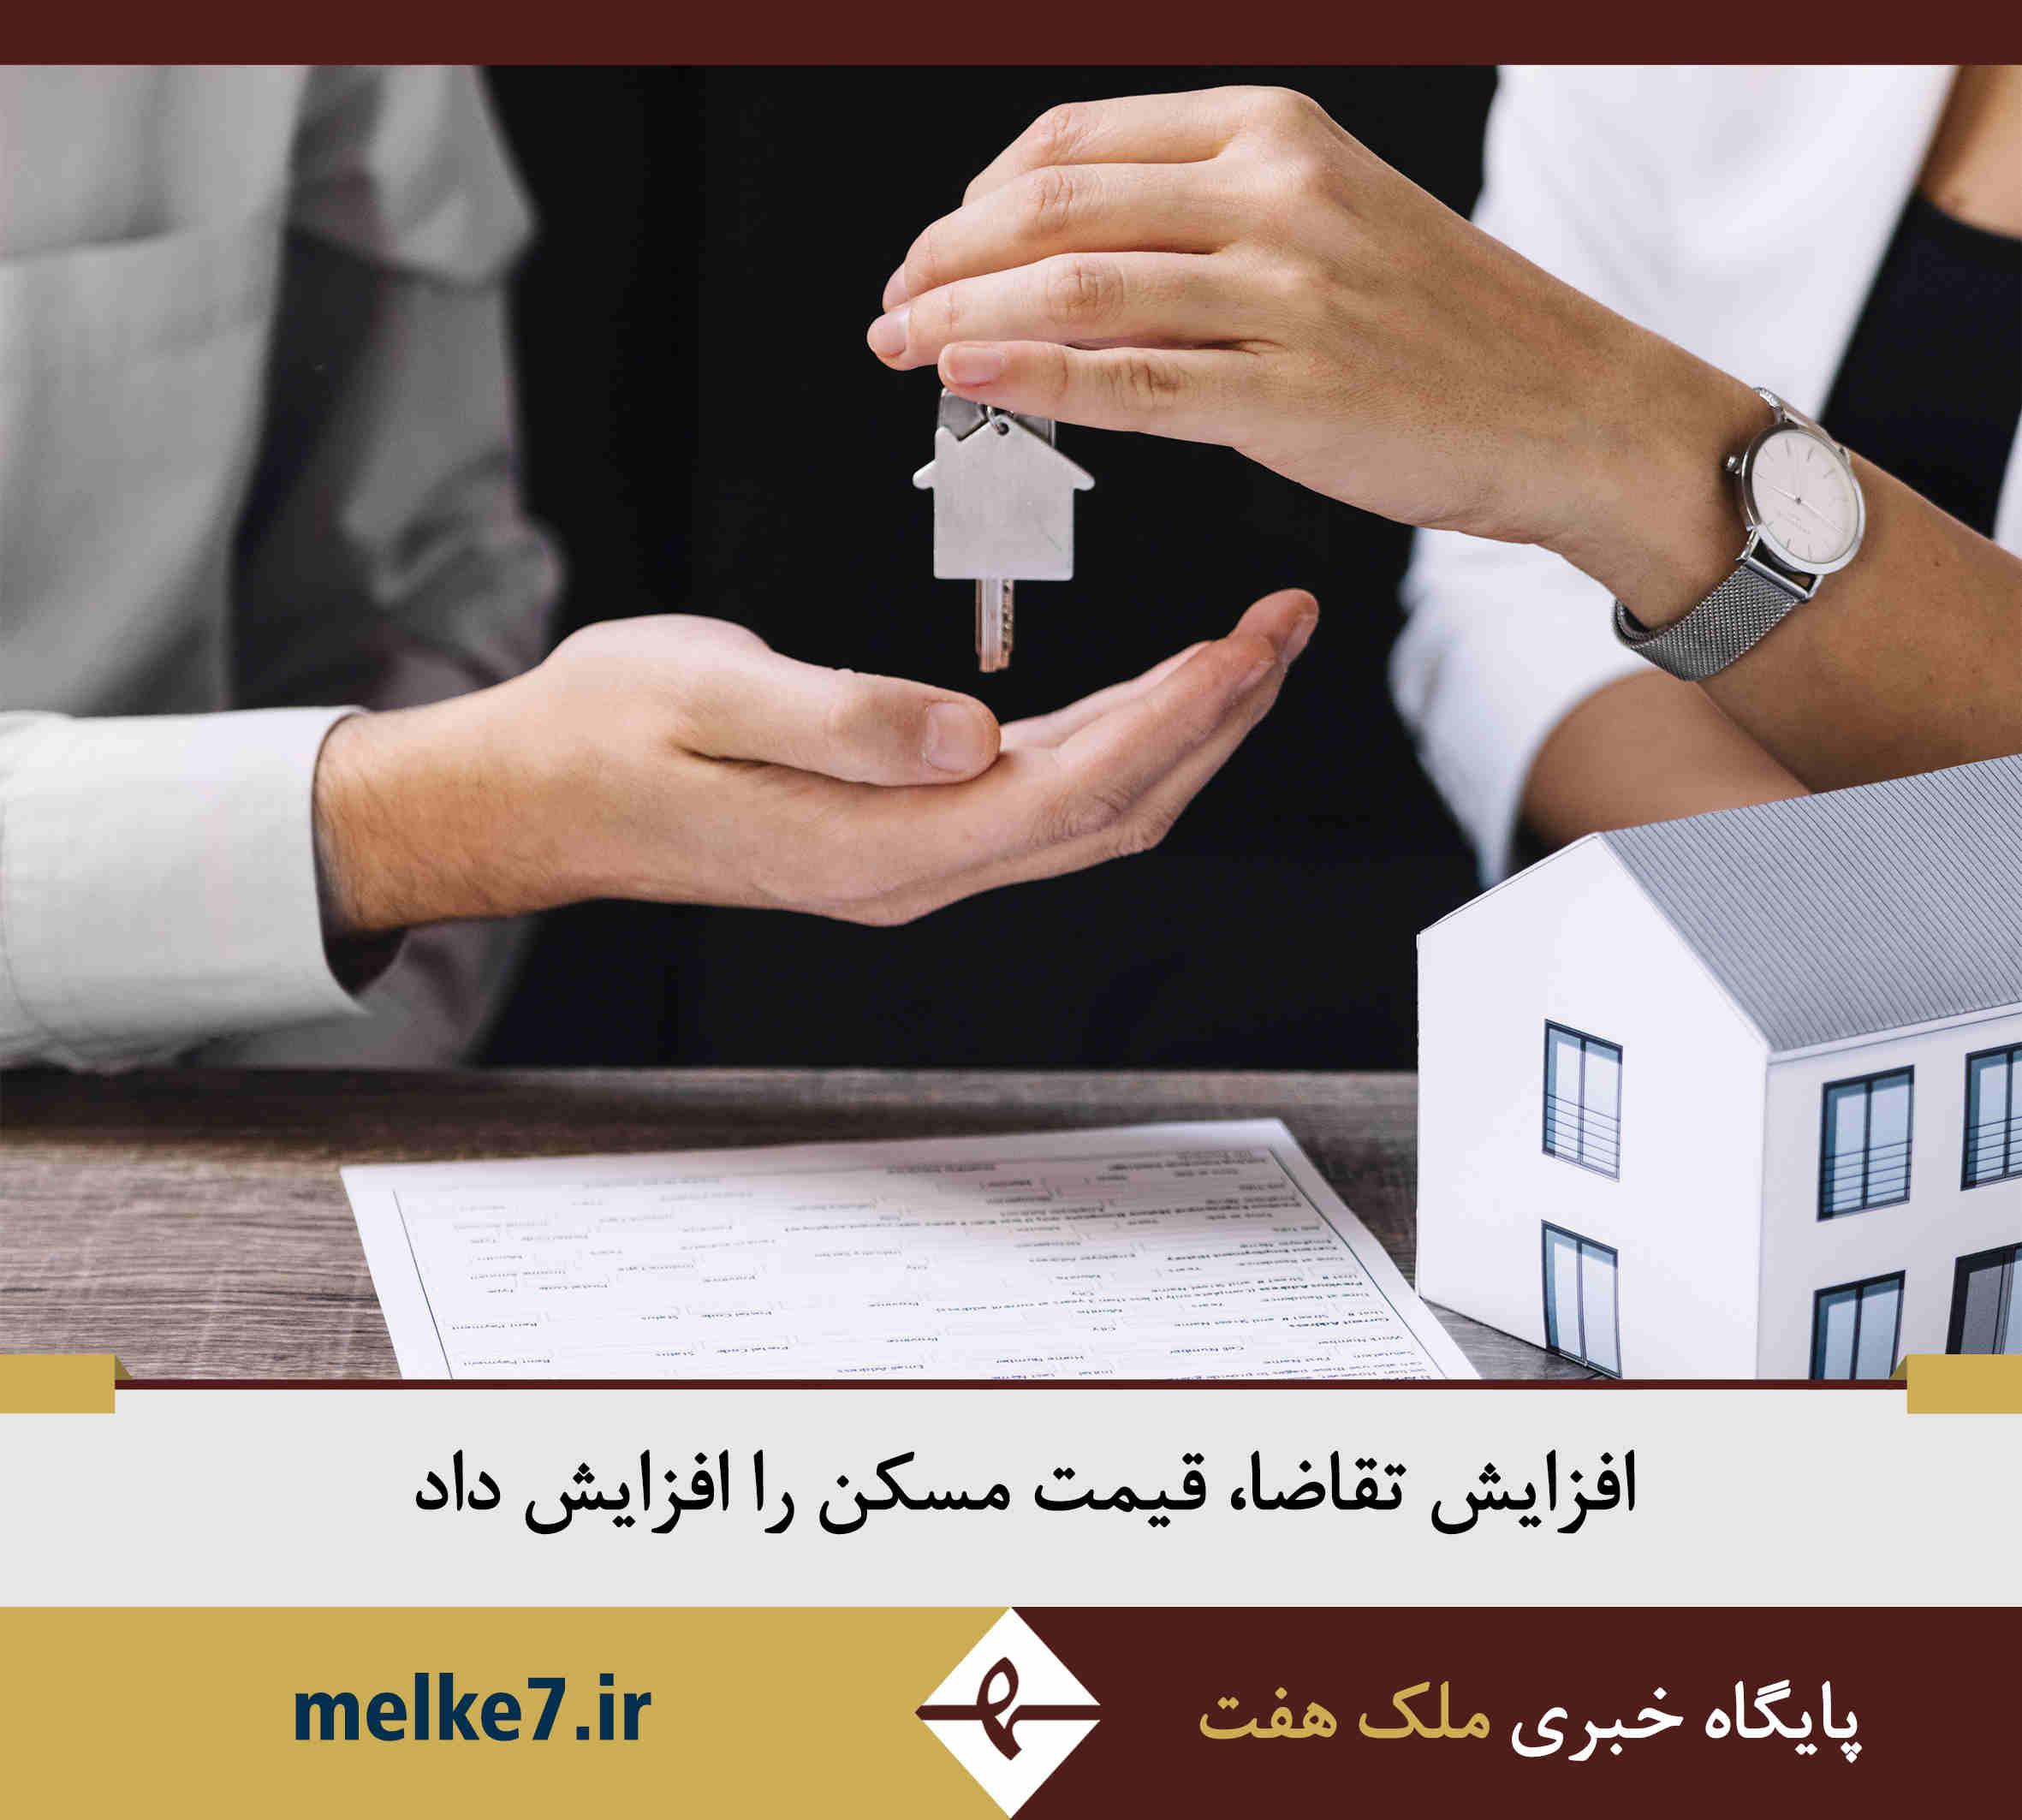 افزایش تقاضا، قیمت مسکن را افزایش داد